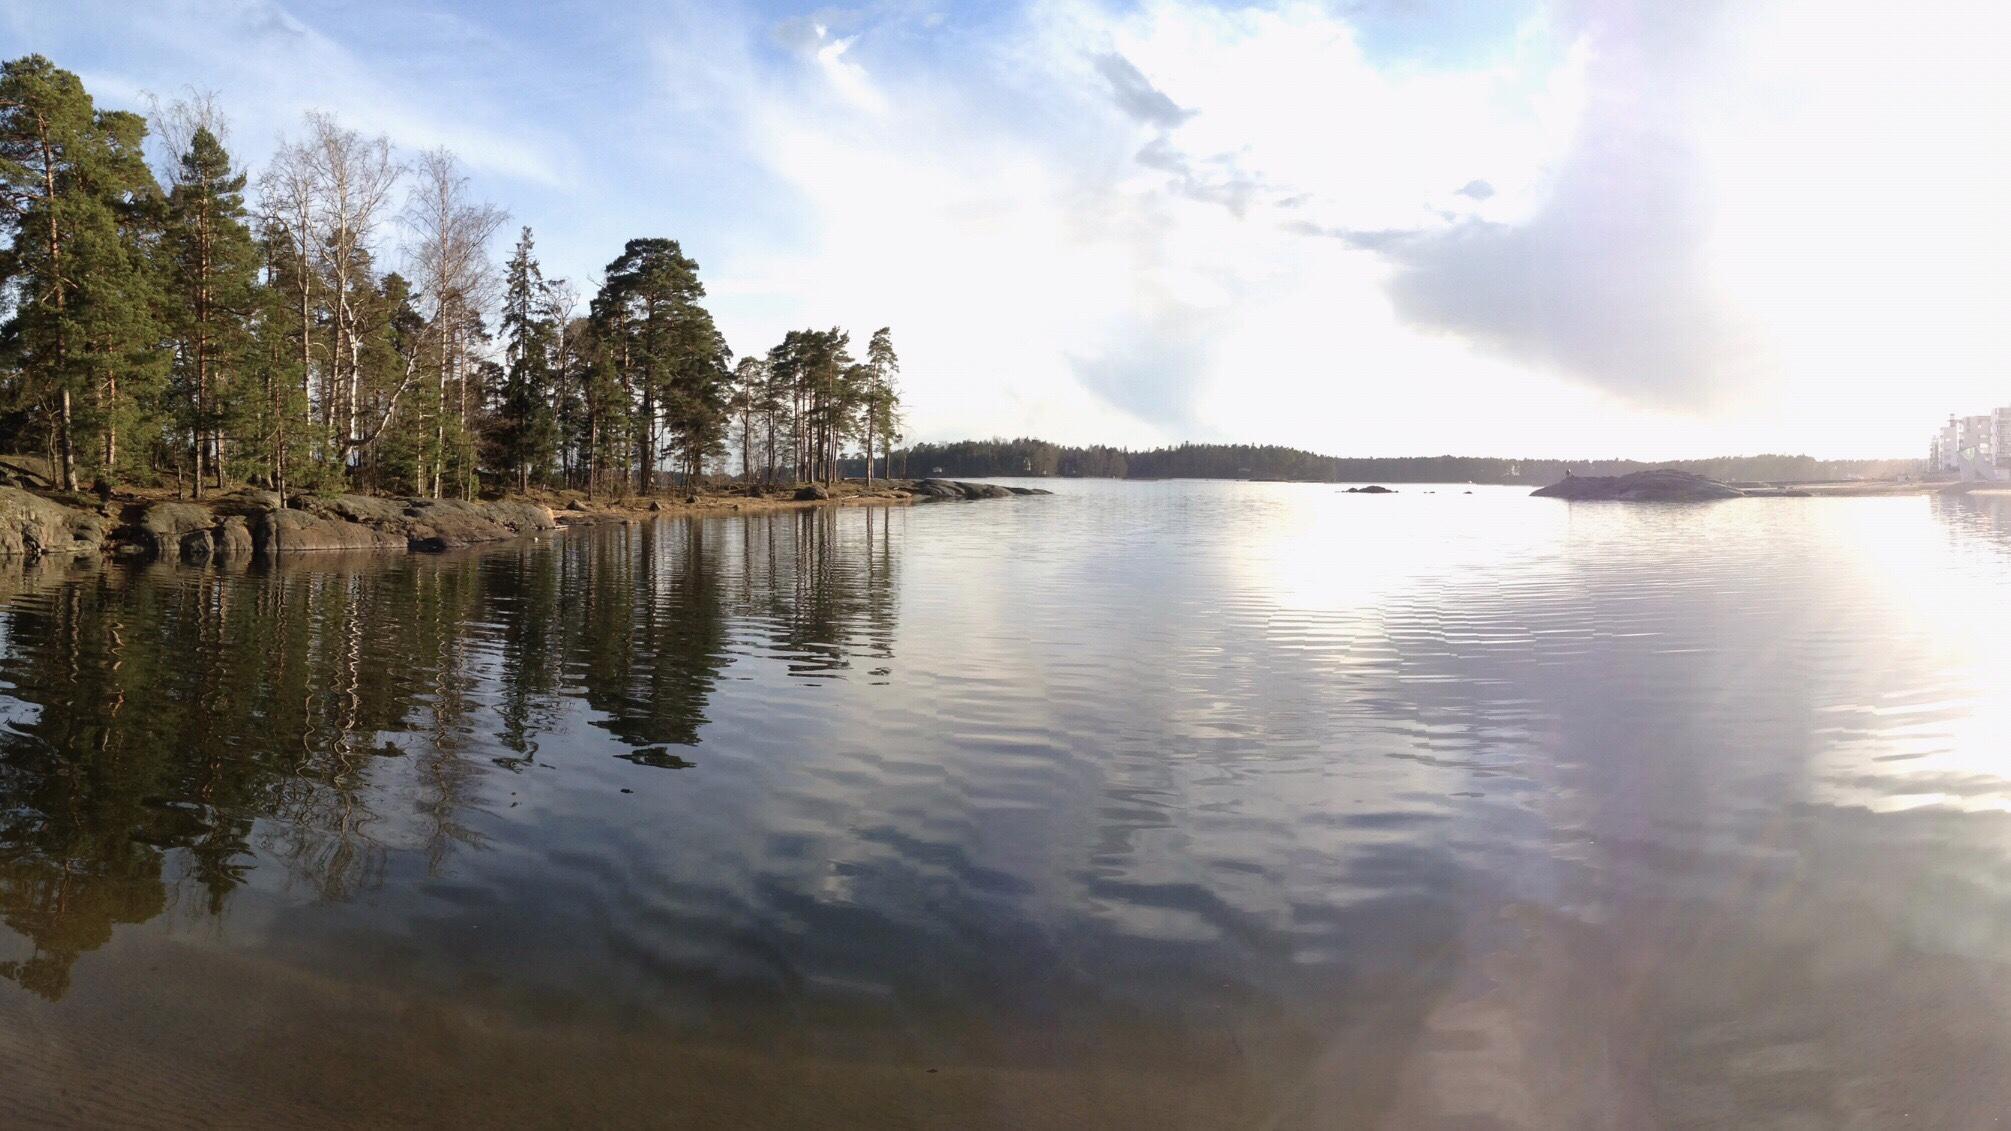 Aurinkoranta beach in Vuosaari, Helsinki